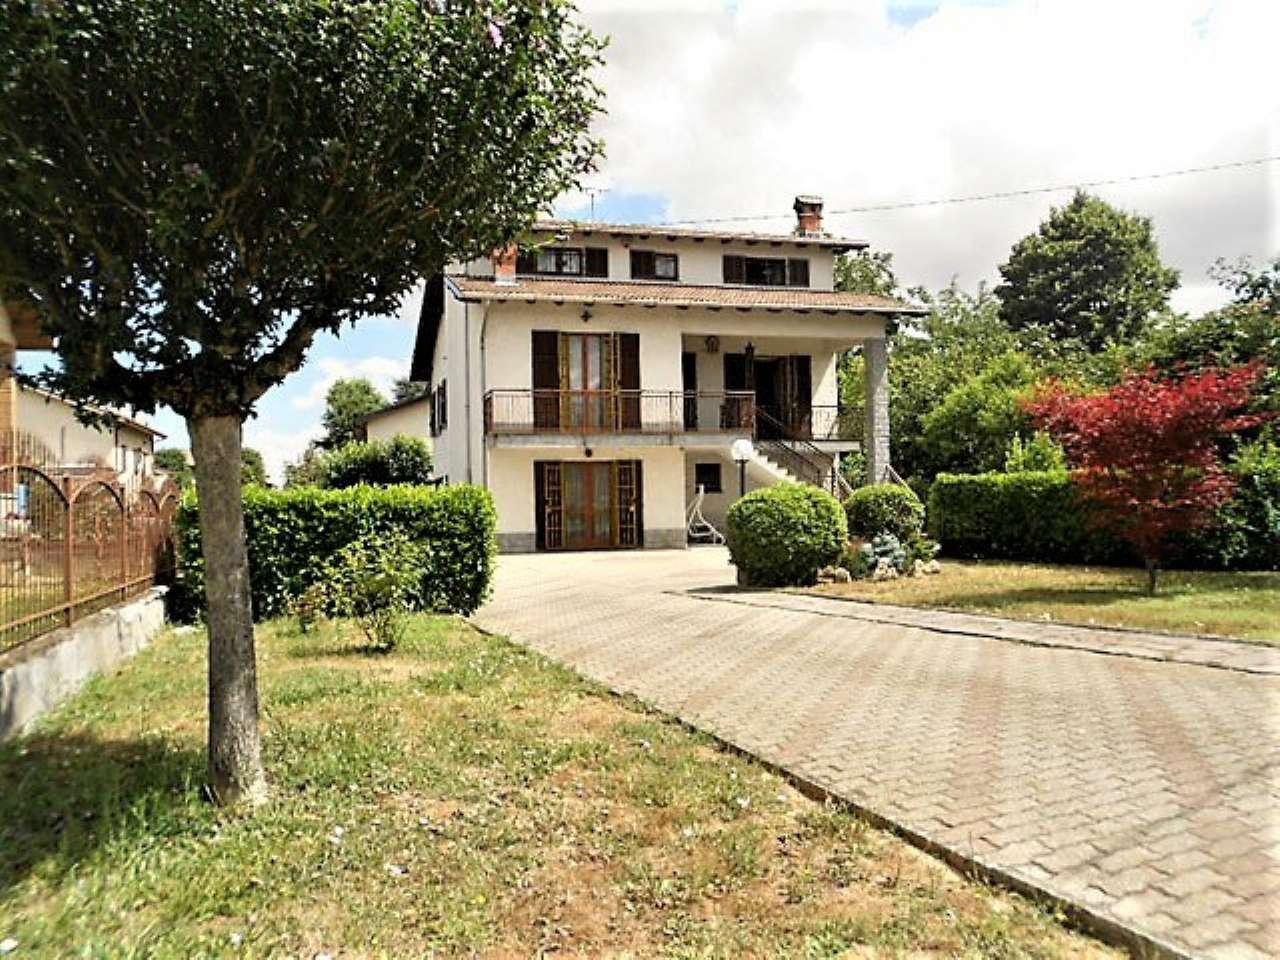 Soluzione Indipendente in vendita a Basaluzzo, 8 locali, prezzo € 240.000 | CambioCasa.it